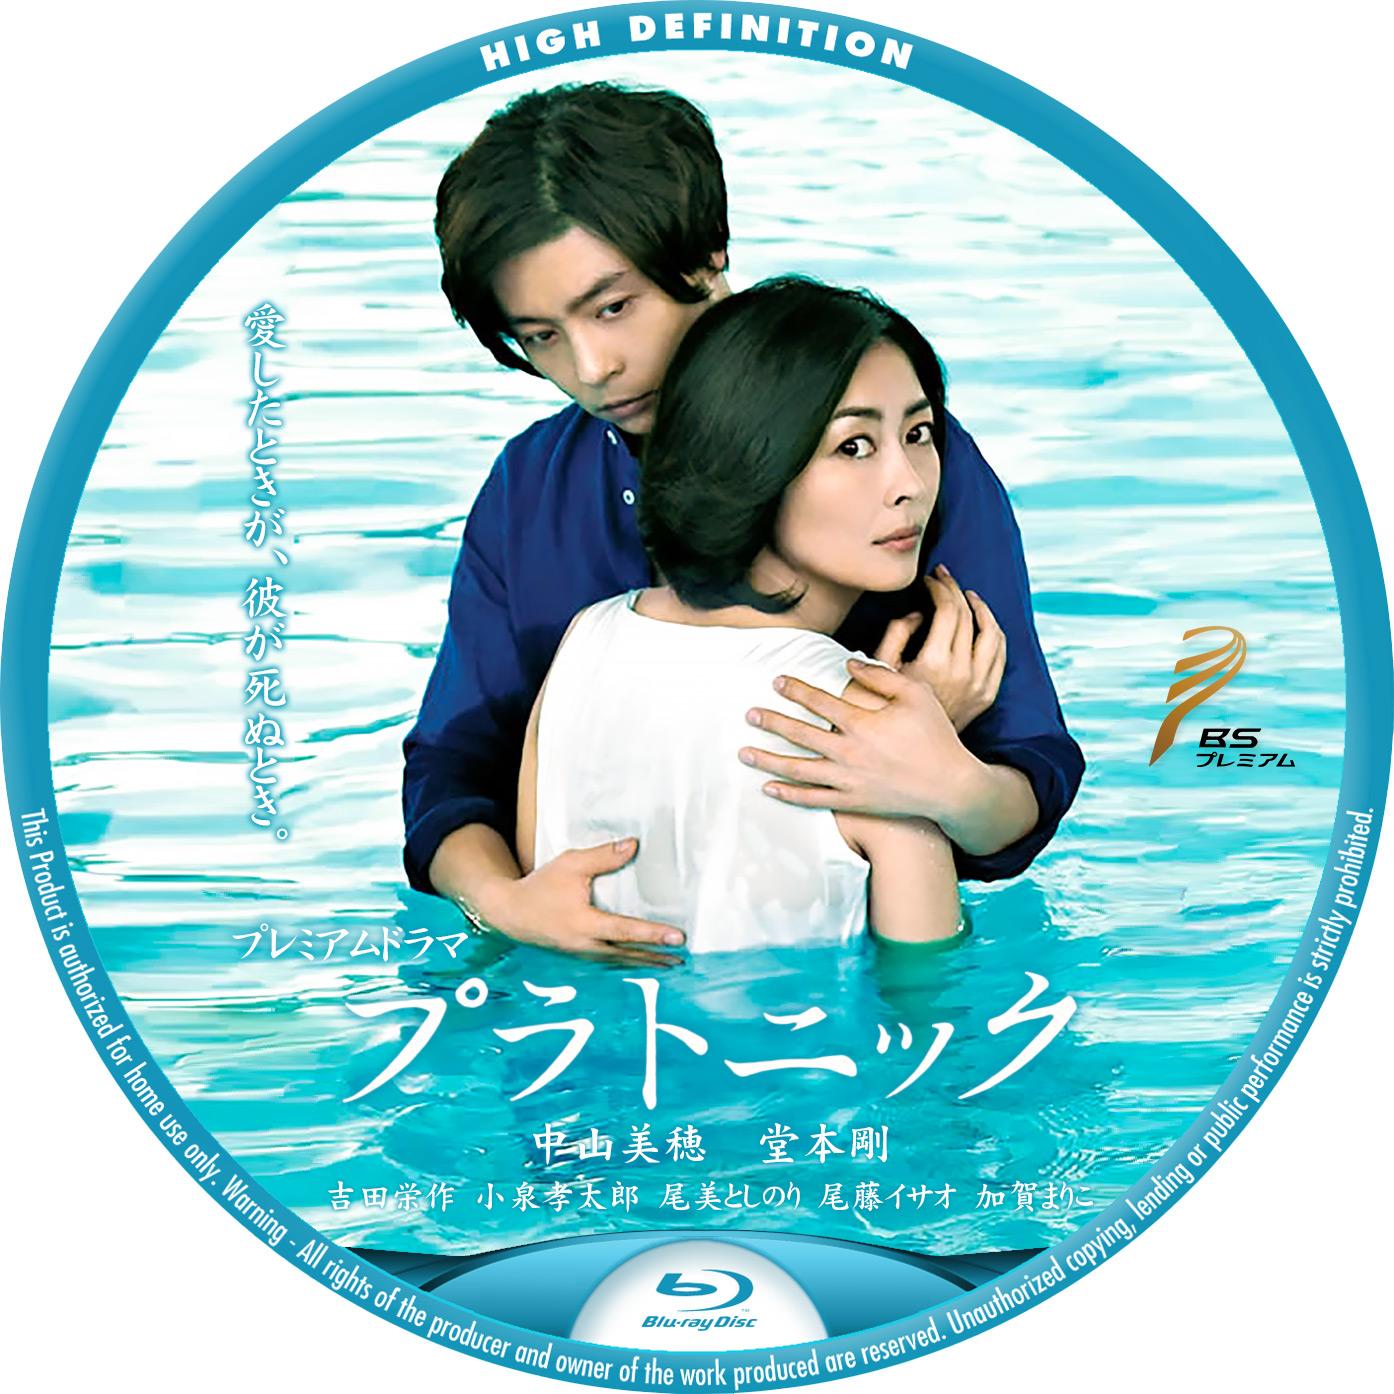 プラトニック NHK Blu-ray ラベル